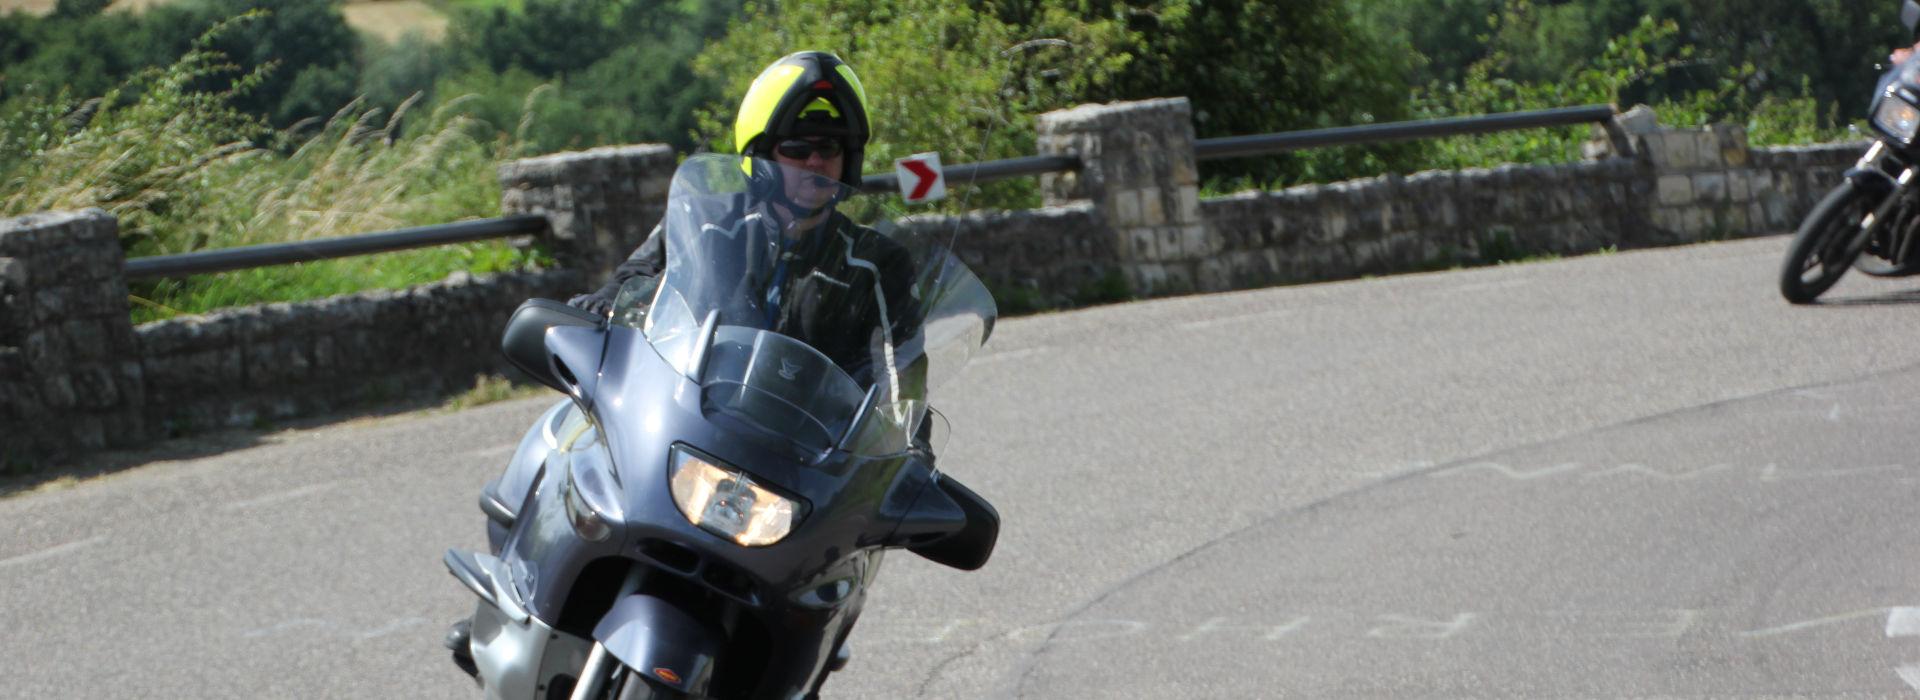 Motorrijbewijspoint Geertruidenberg snel motorrijbewijs halen